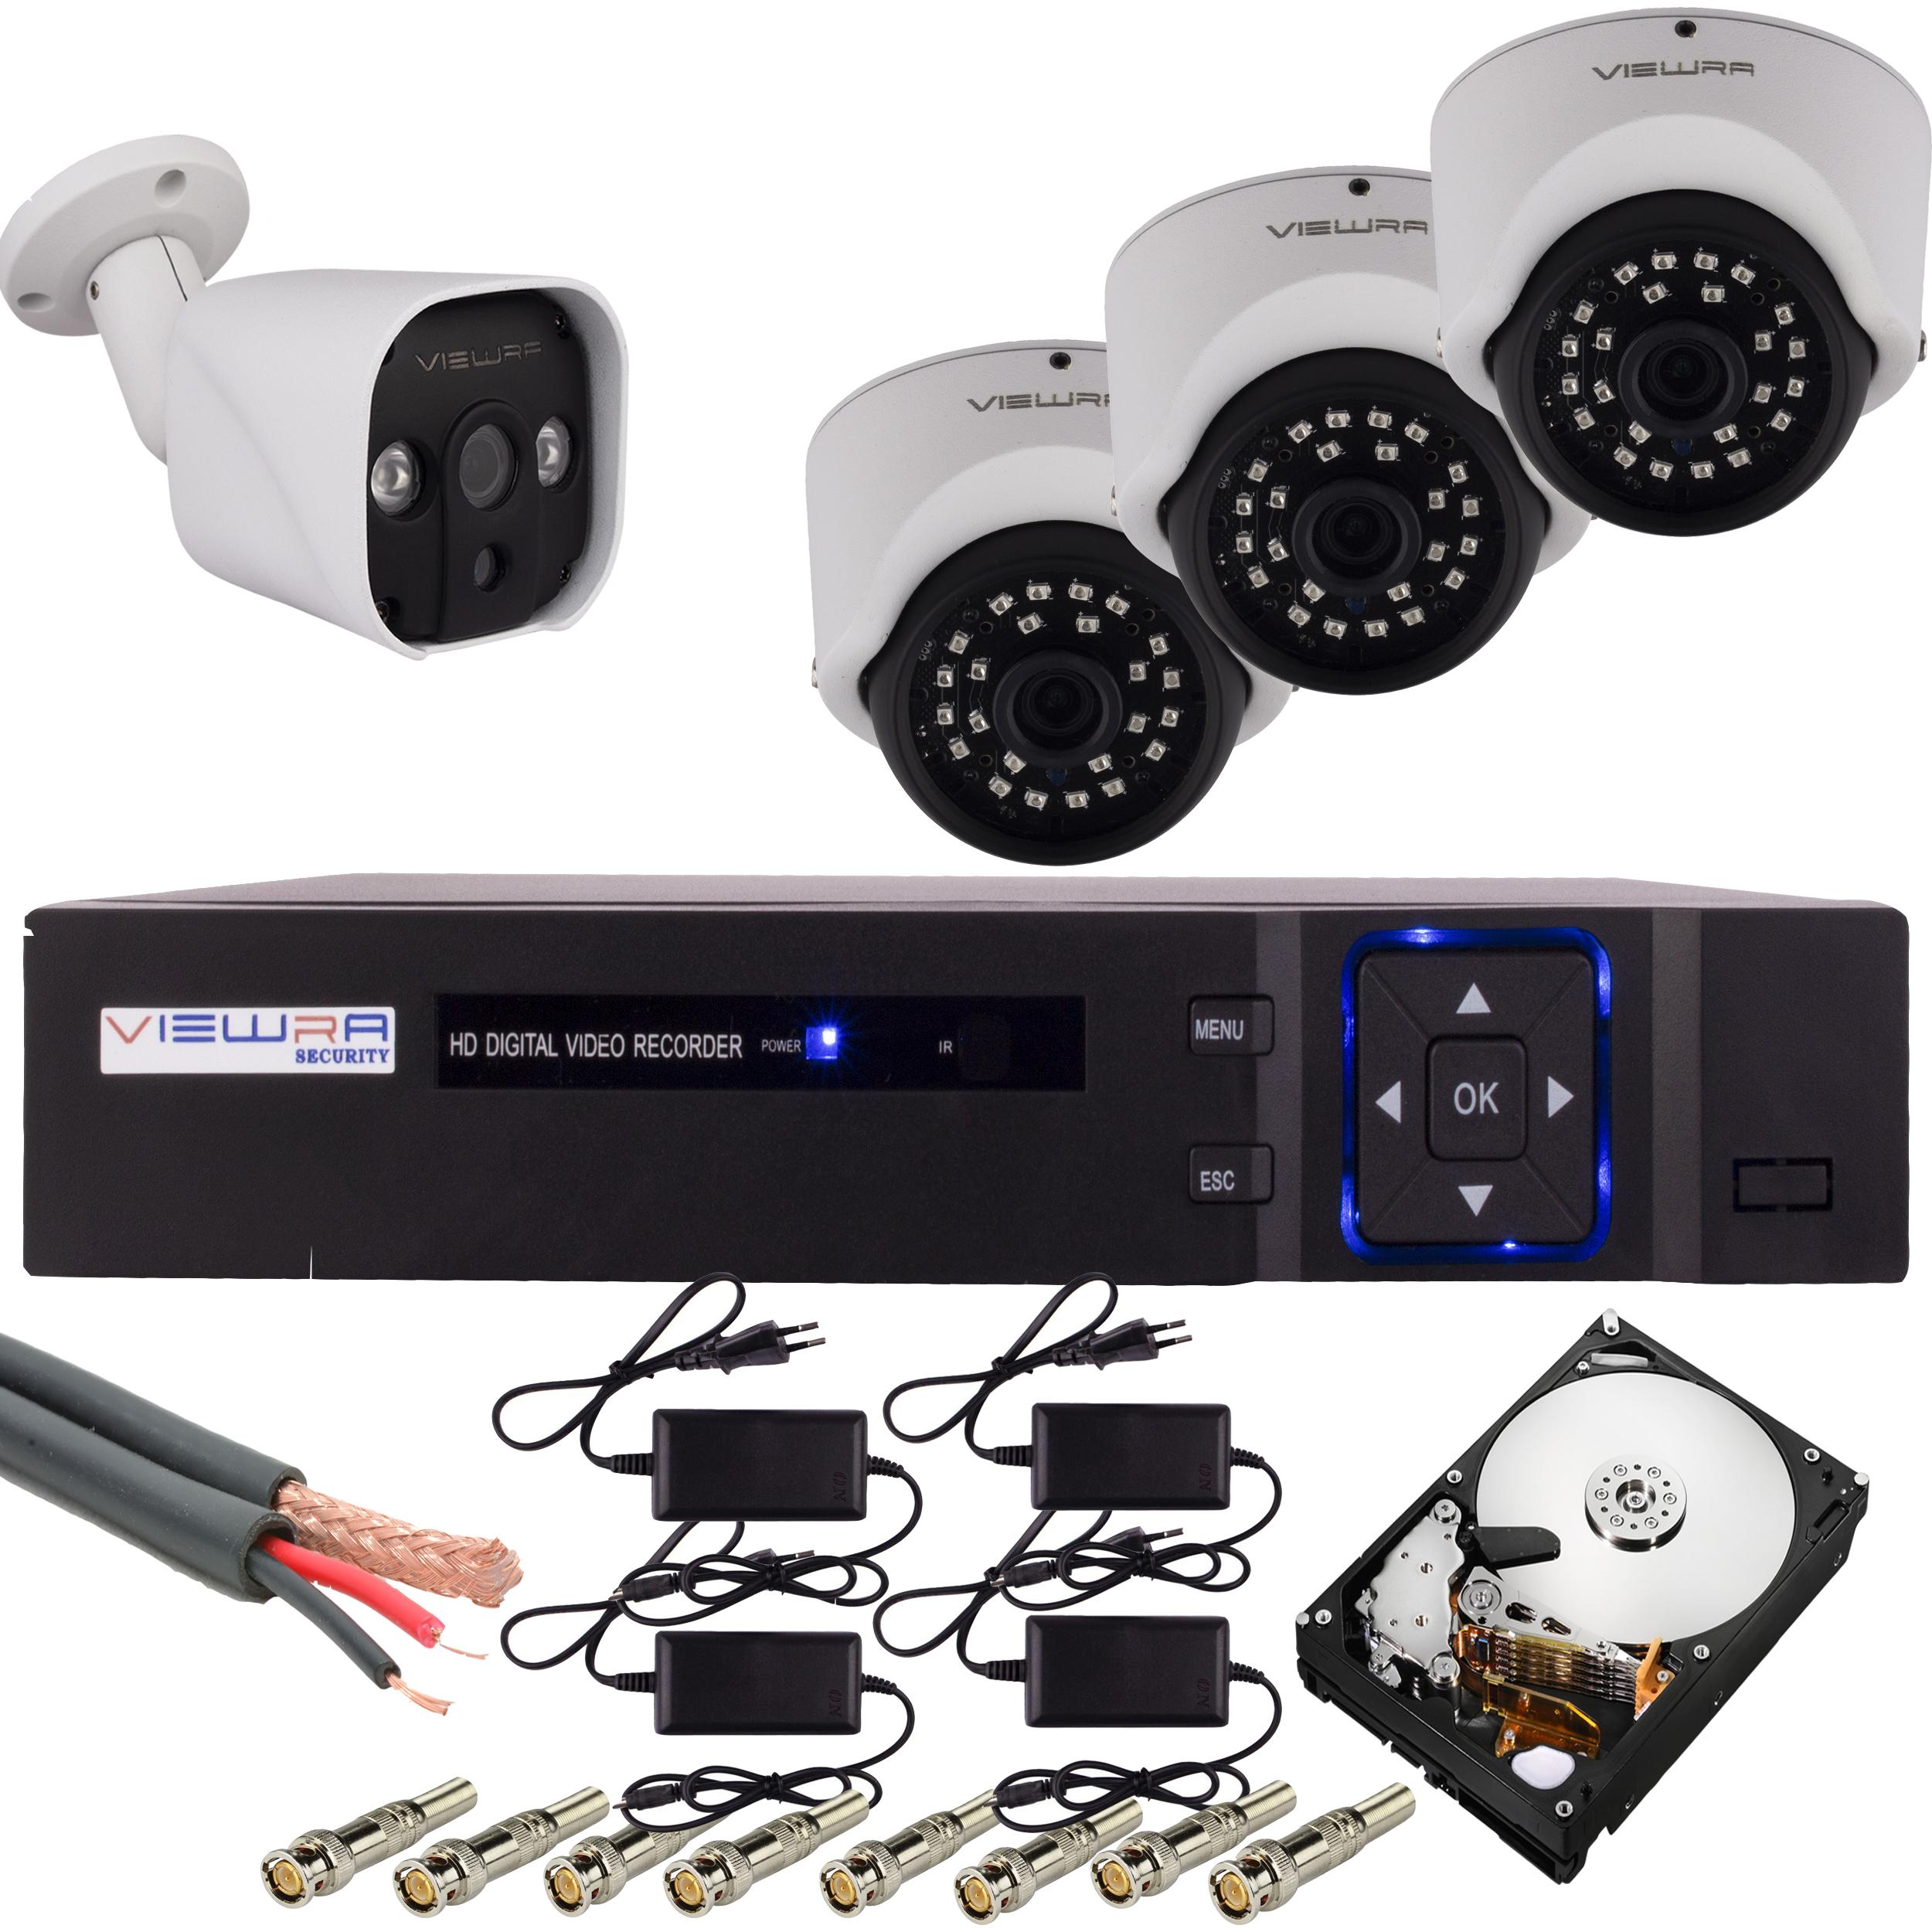 بررسی و خرید [با تخفیف]                                     سیستم امنیتی ویورا مدل VG-950-1-901-3-HDD                             اورجینال